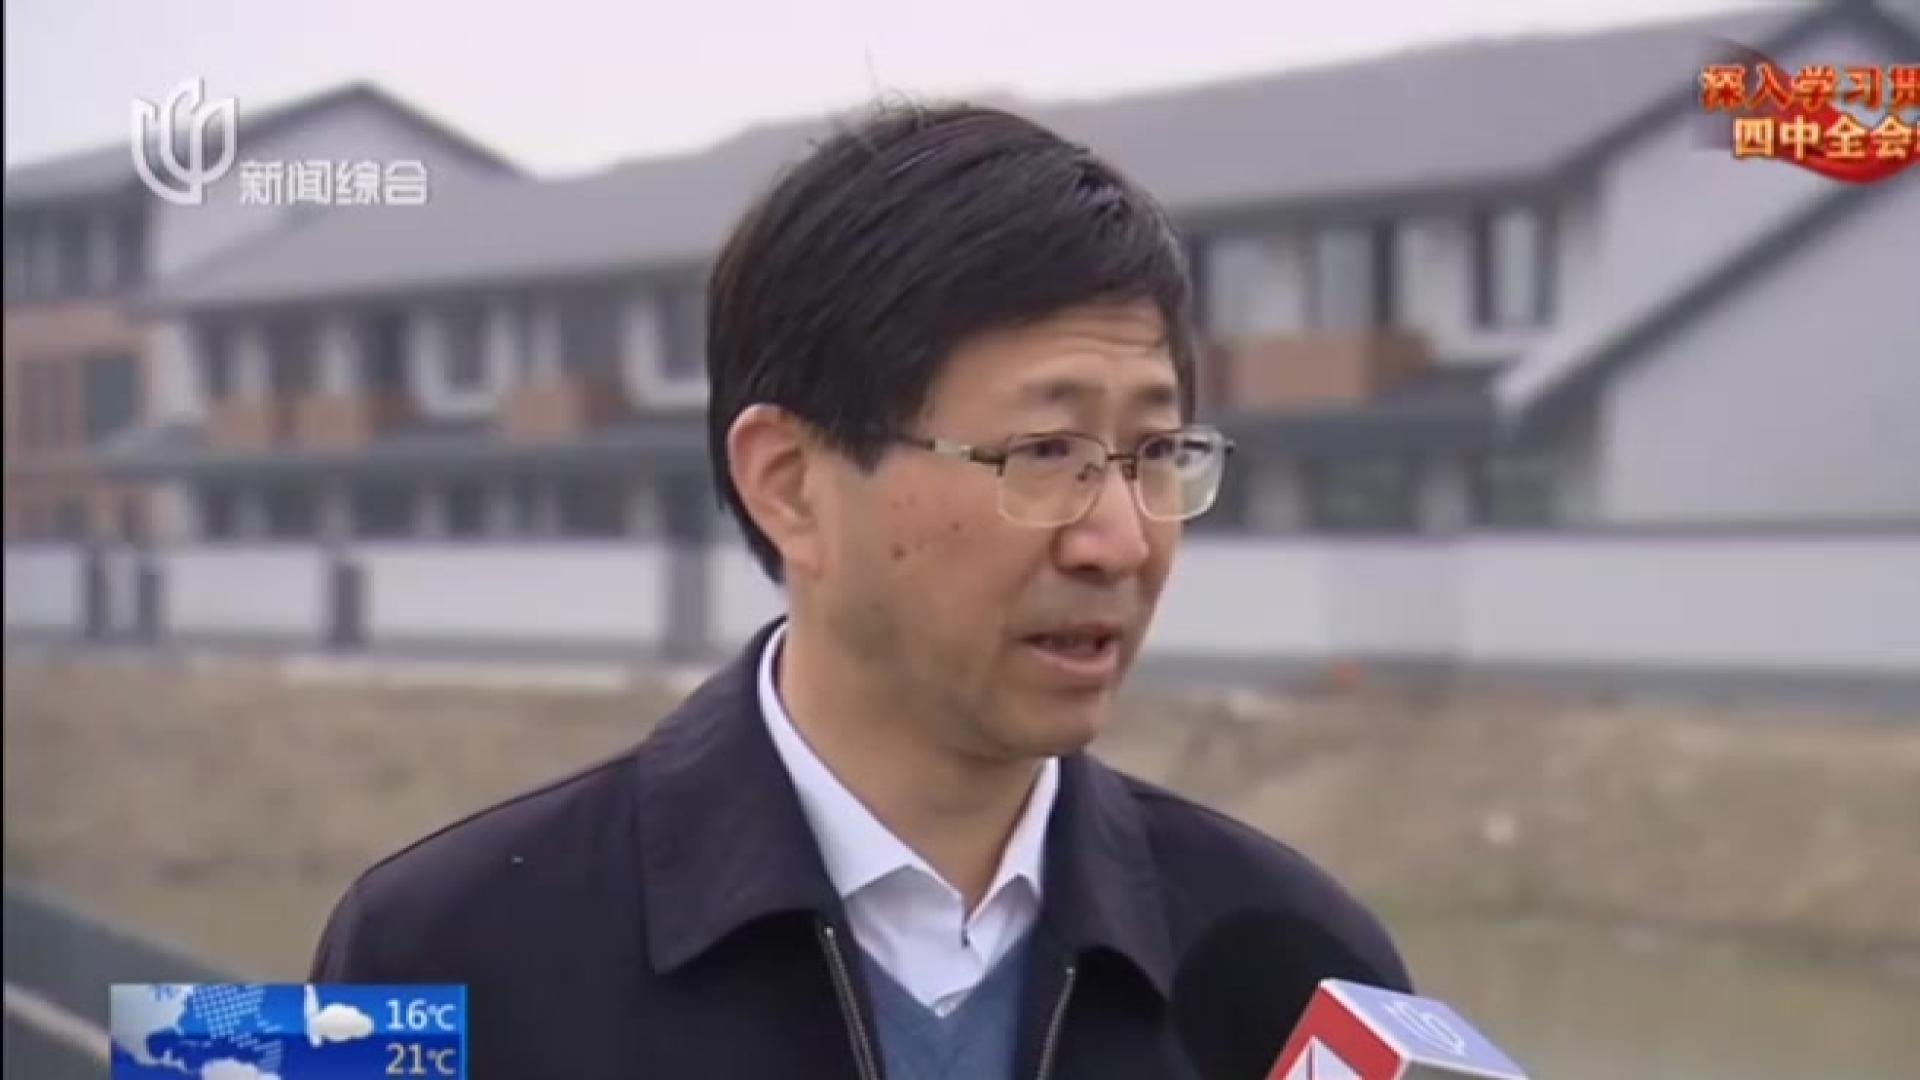 彭震伟:乡村振兴,从发现内生动力开始